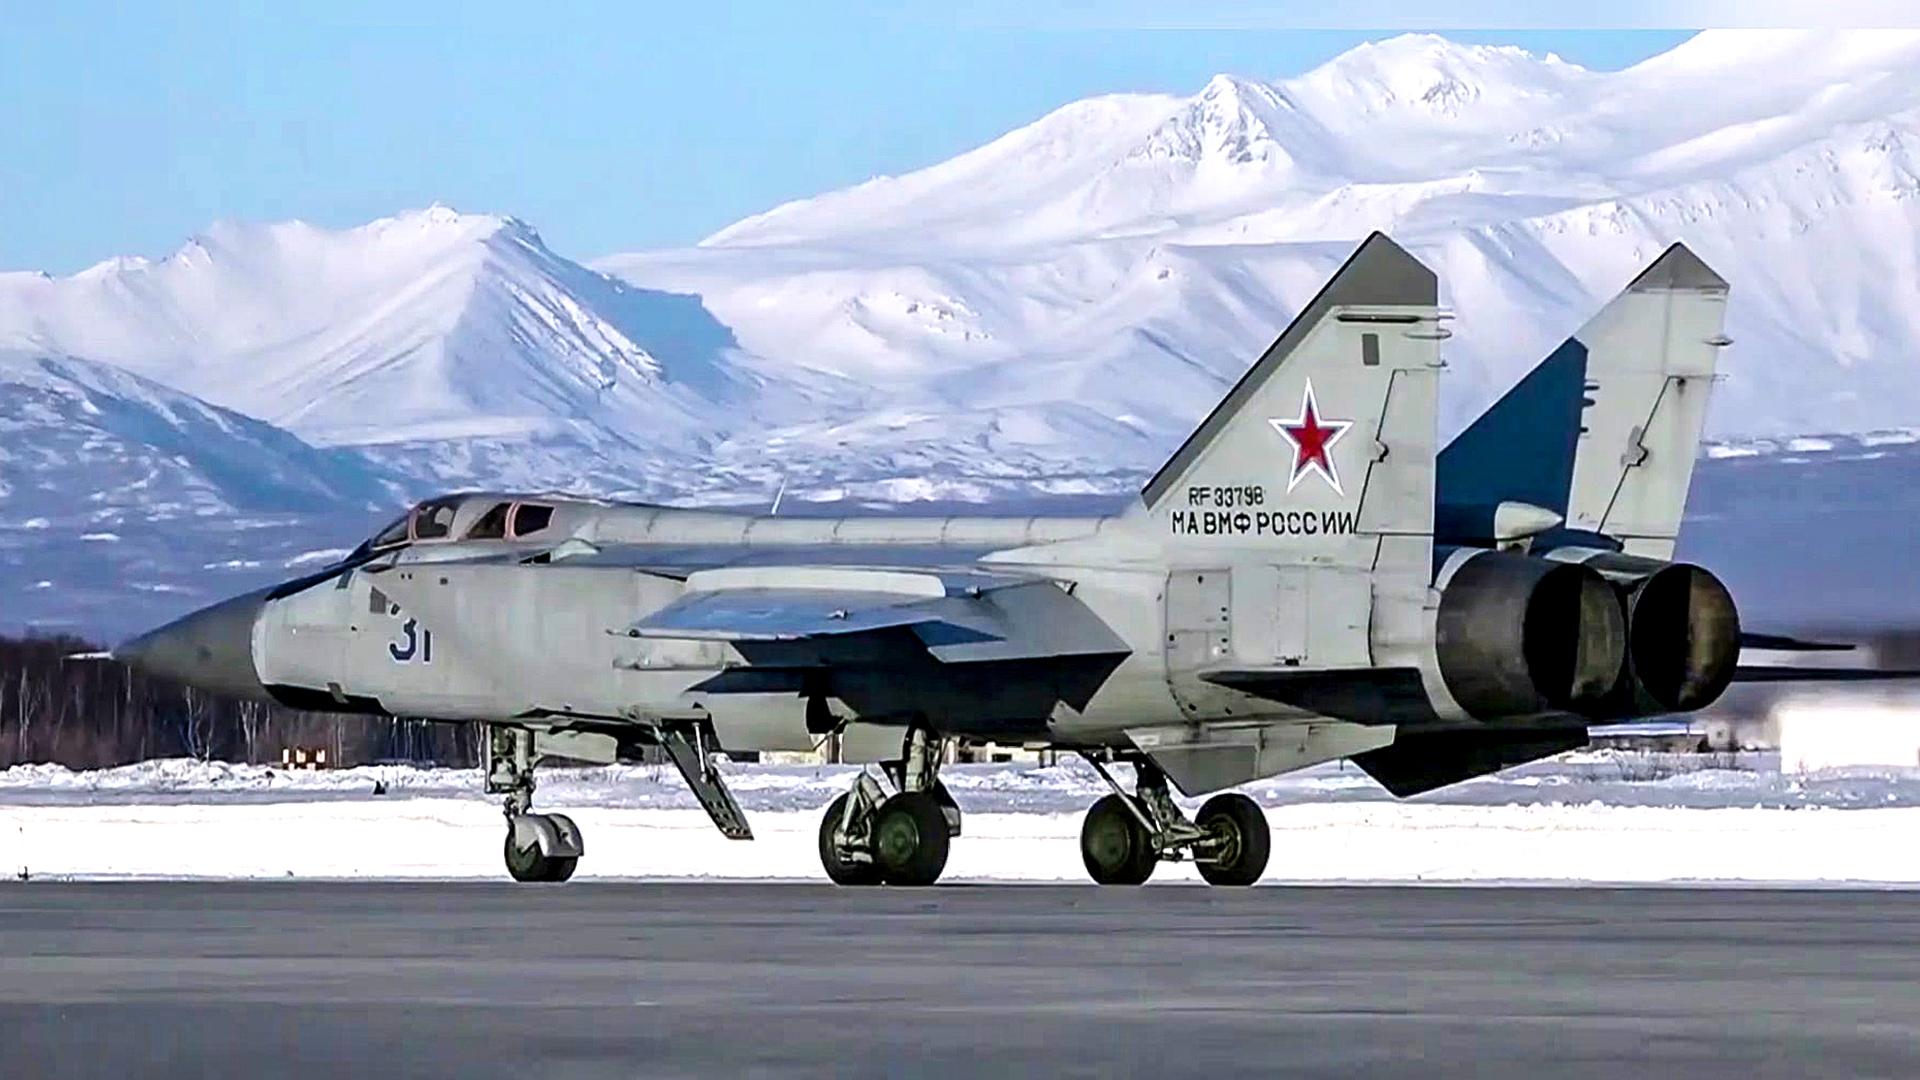 VIDEO: Putin's Top Gun MiG Fighter Destroys 'Enemy' In Aerial Battle